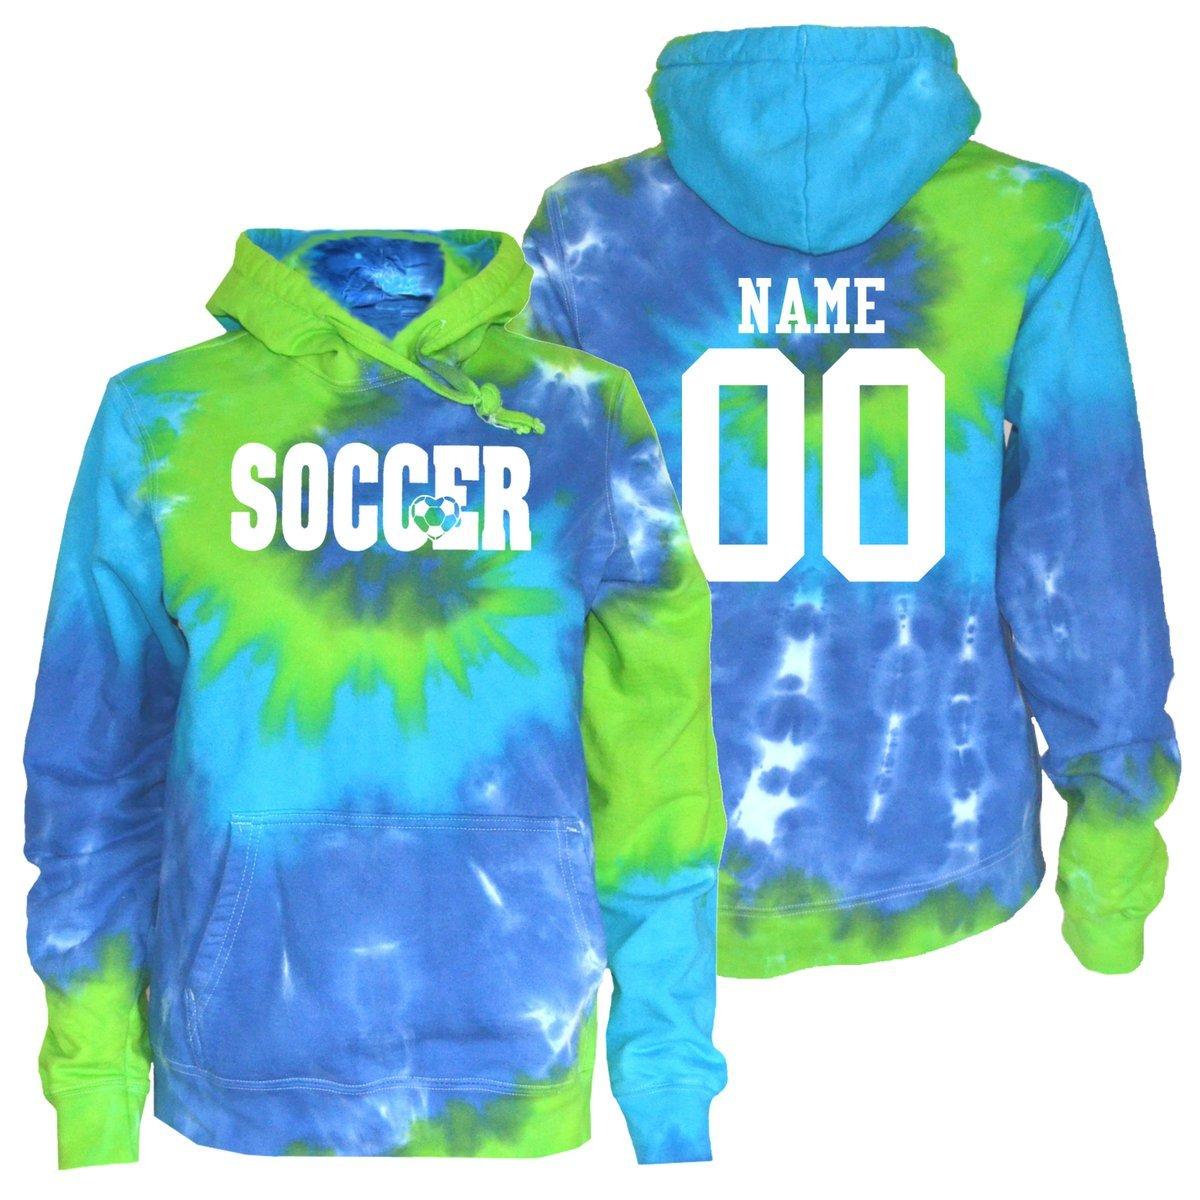 新品入荷 Jant GirlカスタムサッカーTie Dye Sweatshirt Medium – Twist Soccerロゴ Green B077QKGHD9 Adult Medium|Blue Green Twist Blue Green Twist Adult Medium, 足柄上郡:54f4cf61 --- svecha37.ru